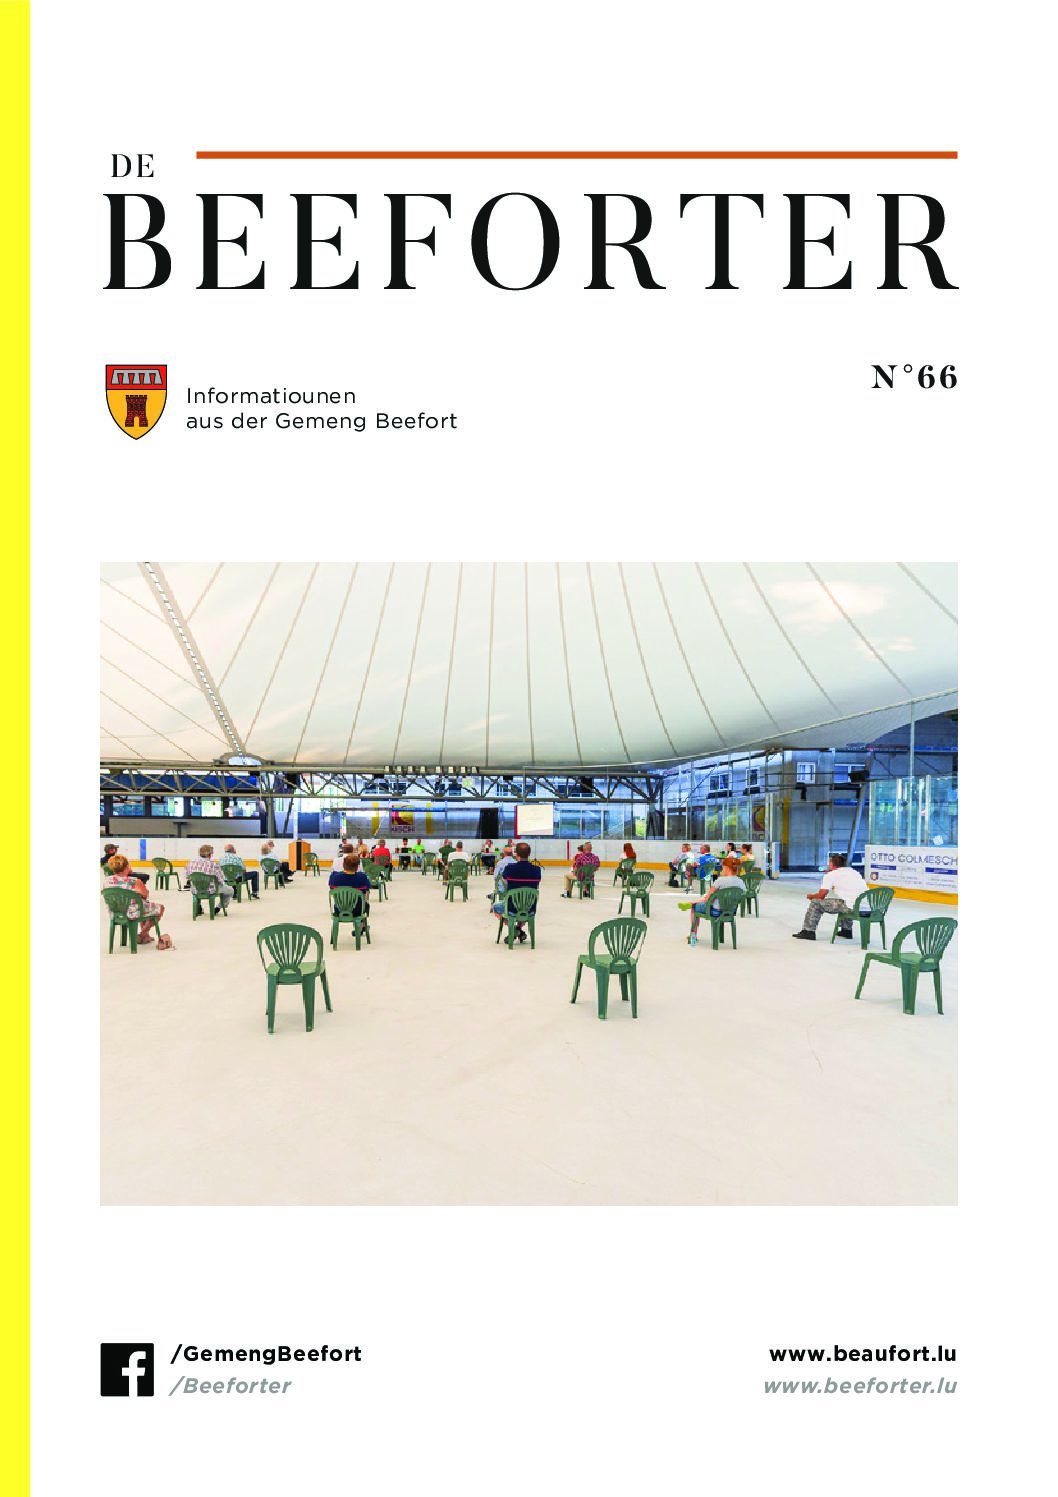 De Beeforter 66